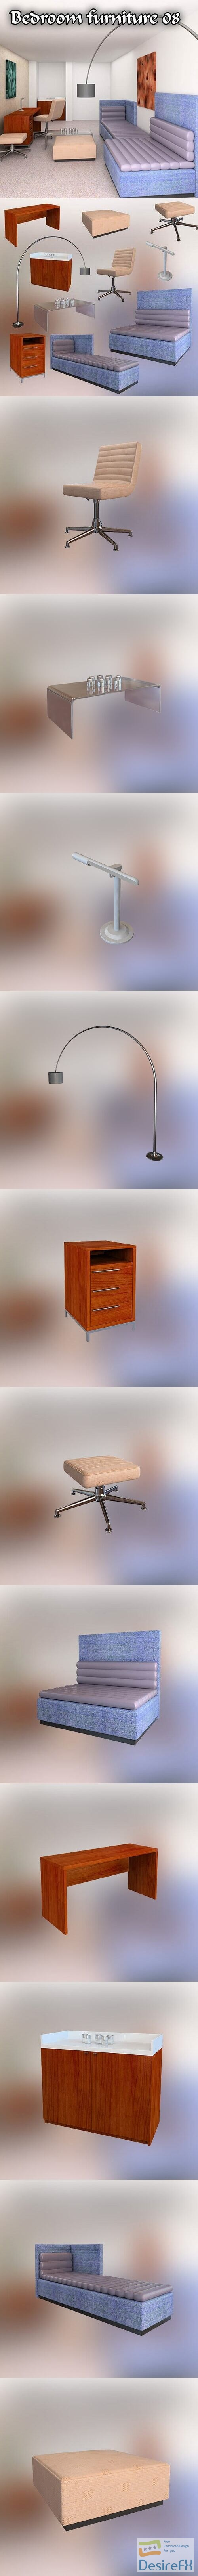 Bedroom Furniture 08 Set 3D Model